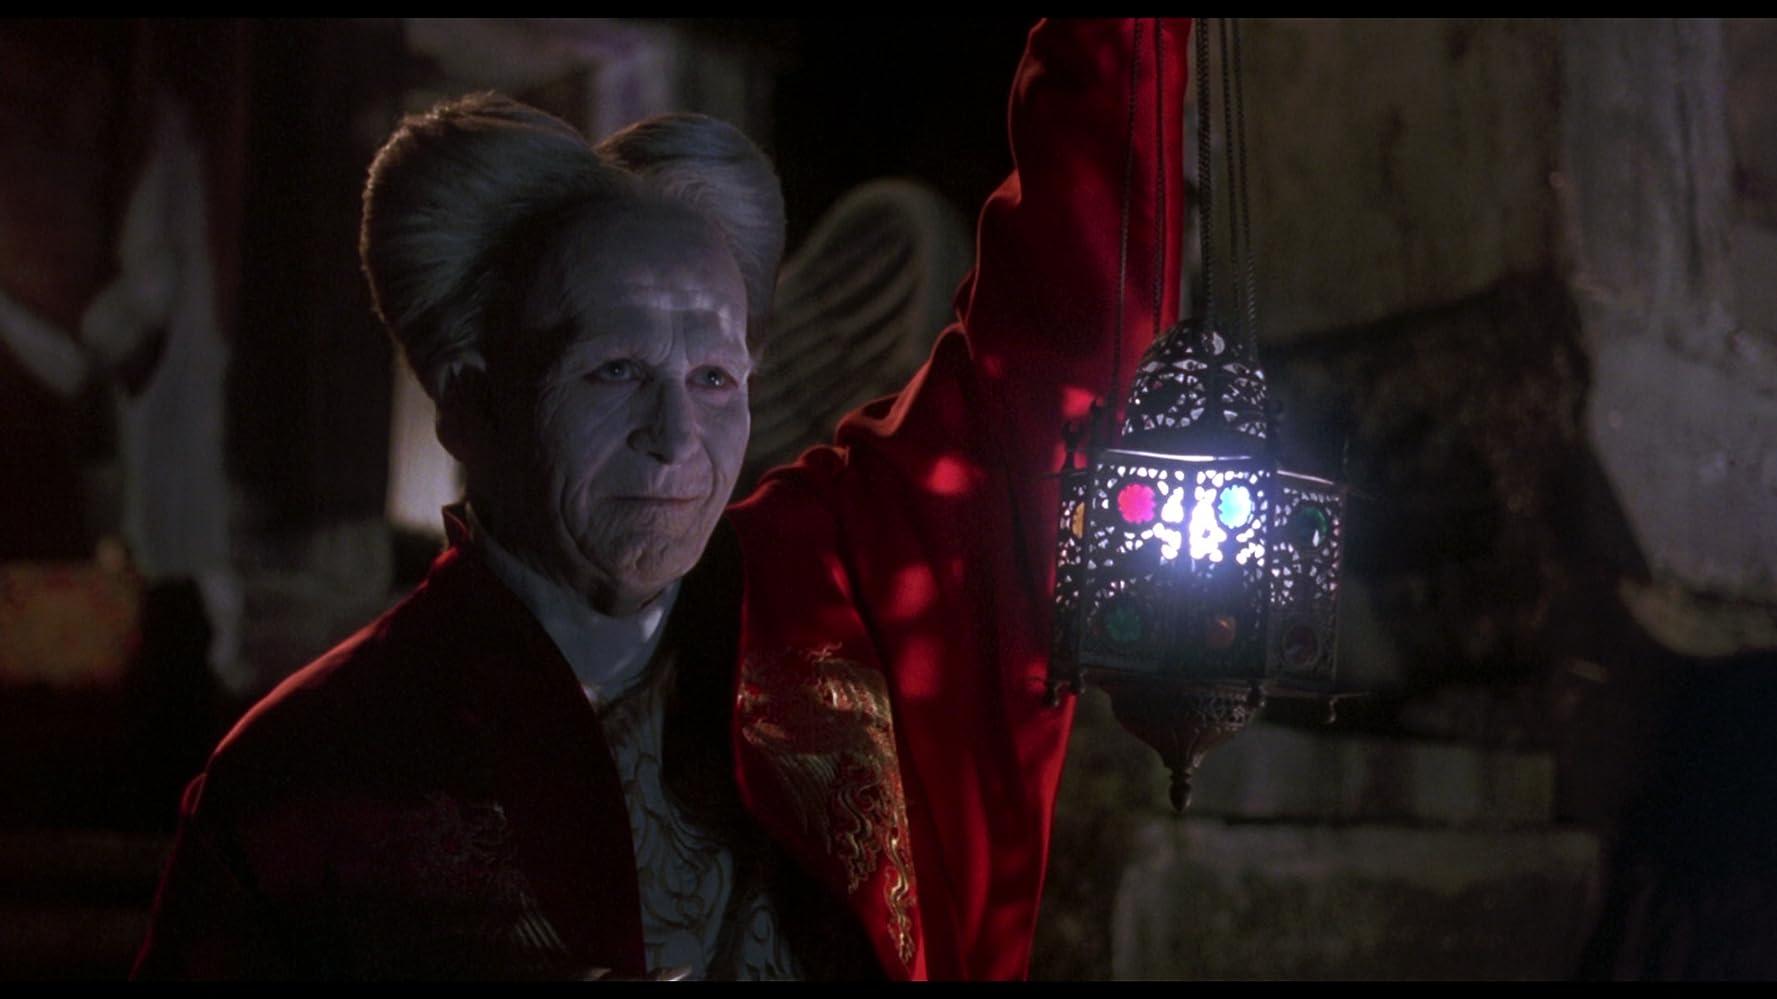 Film Bram Stoker's Dracula (1992).